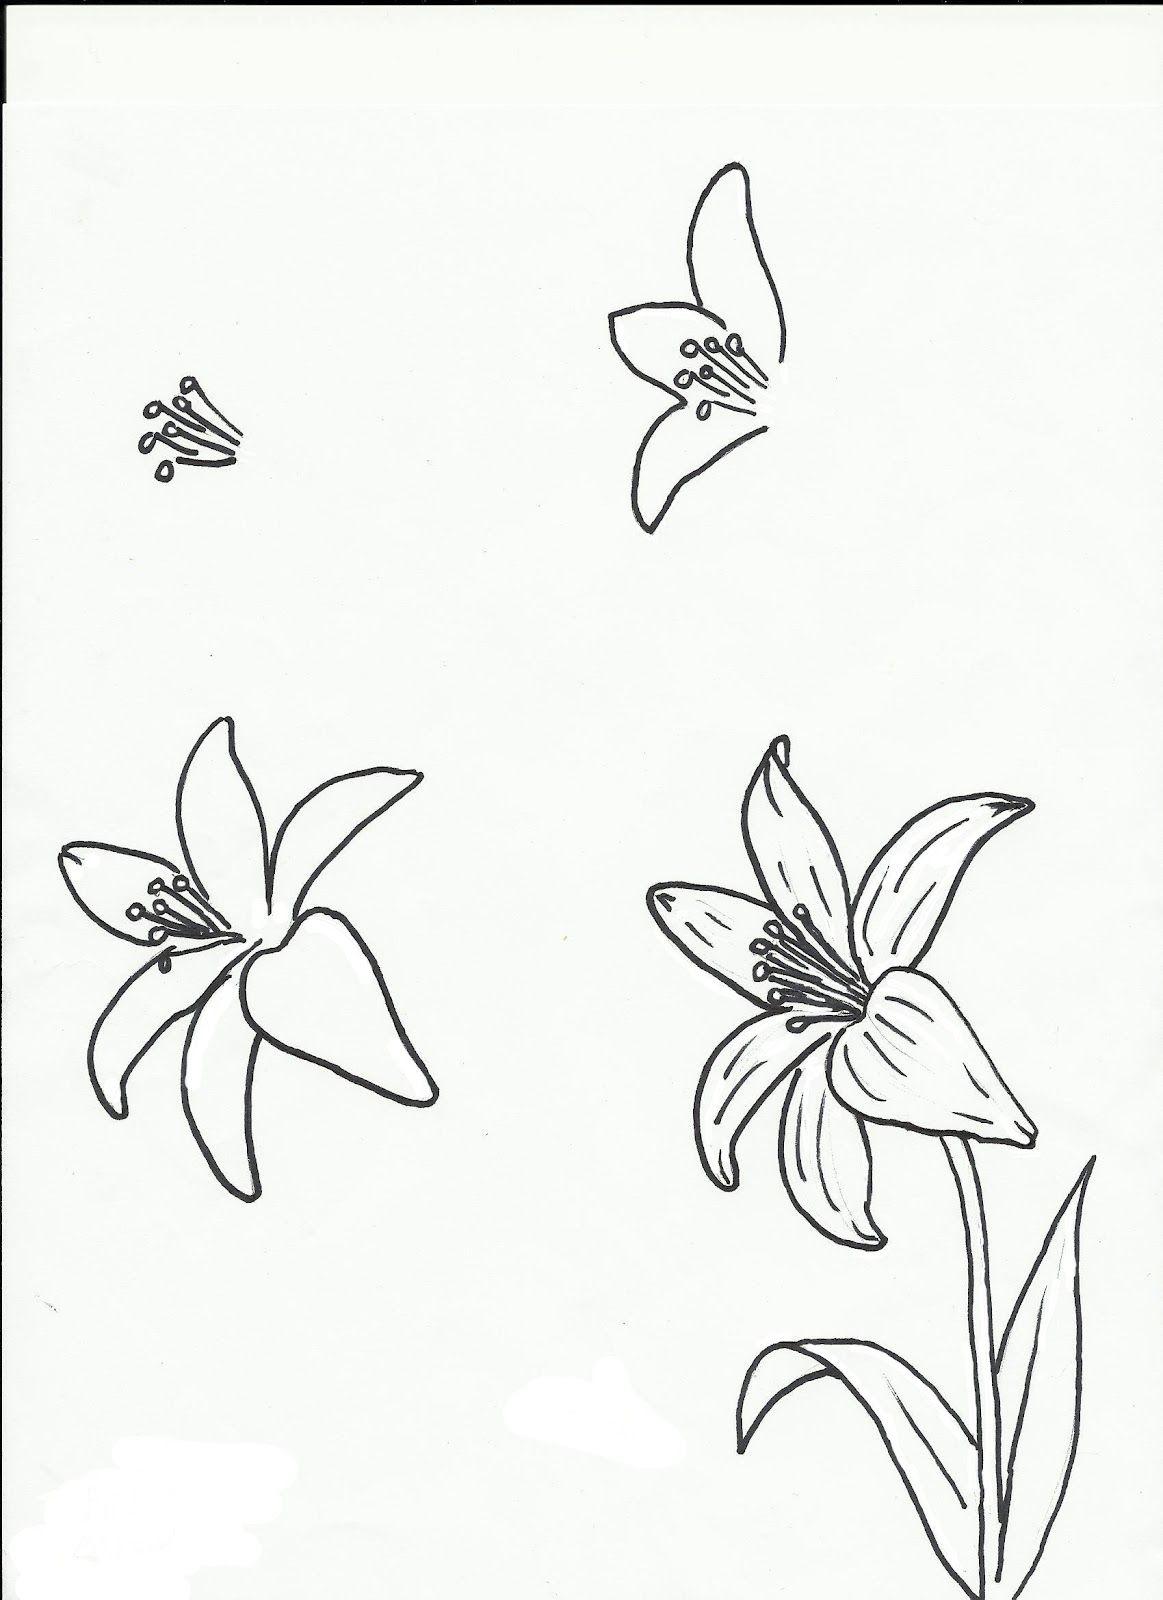 Art class ideas drawing a flower drawing ideas in 2018 art class ideas drawing a flower izmirmasajfo